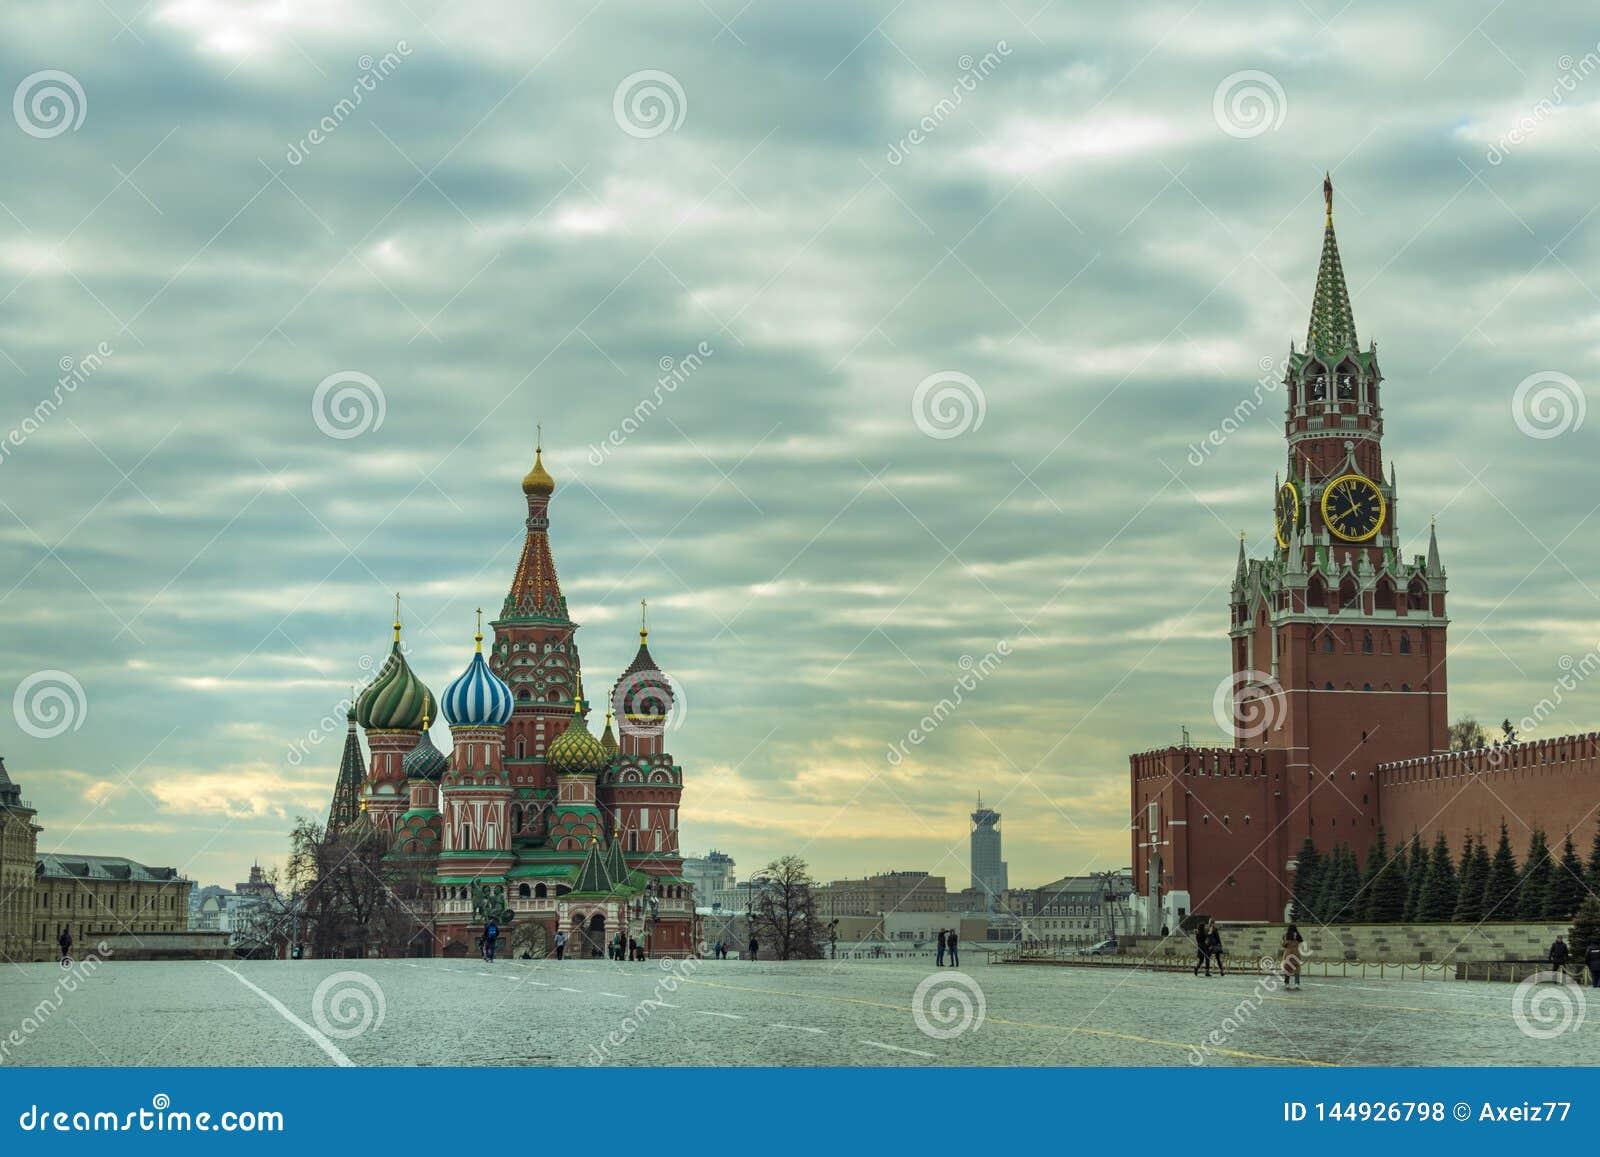 Moskau/Russland - 04 2019: Ansicht des Roten Platzes mit der Kathedrale St.-Basilikums und dem des Kremls Spassky-Turm